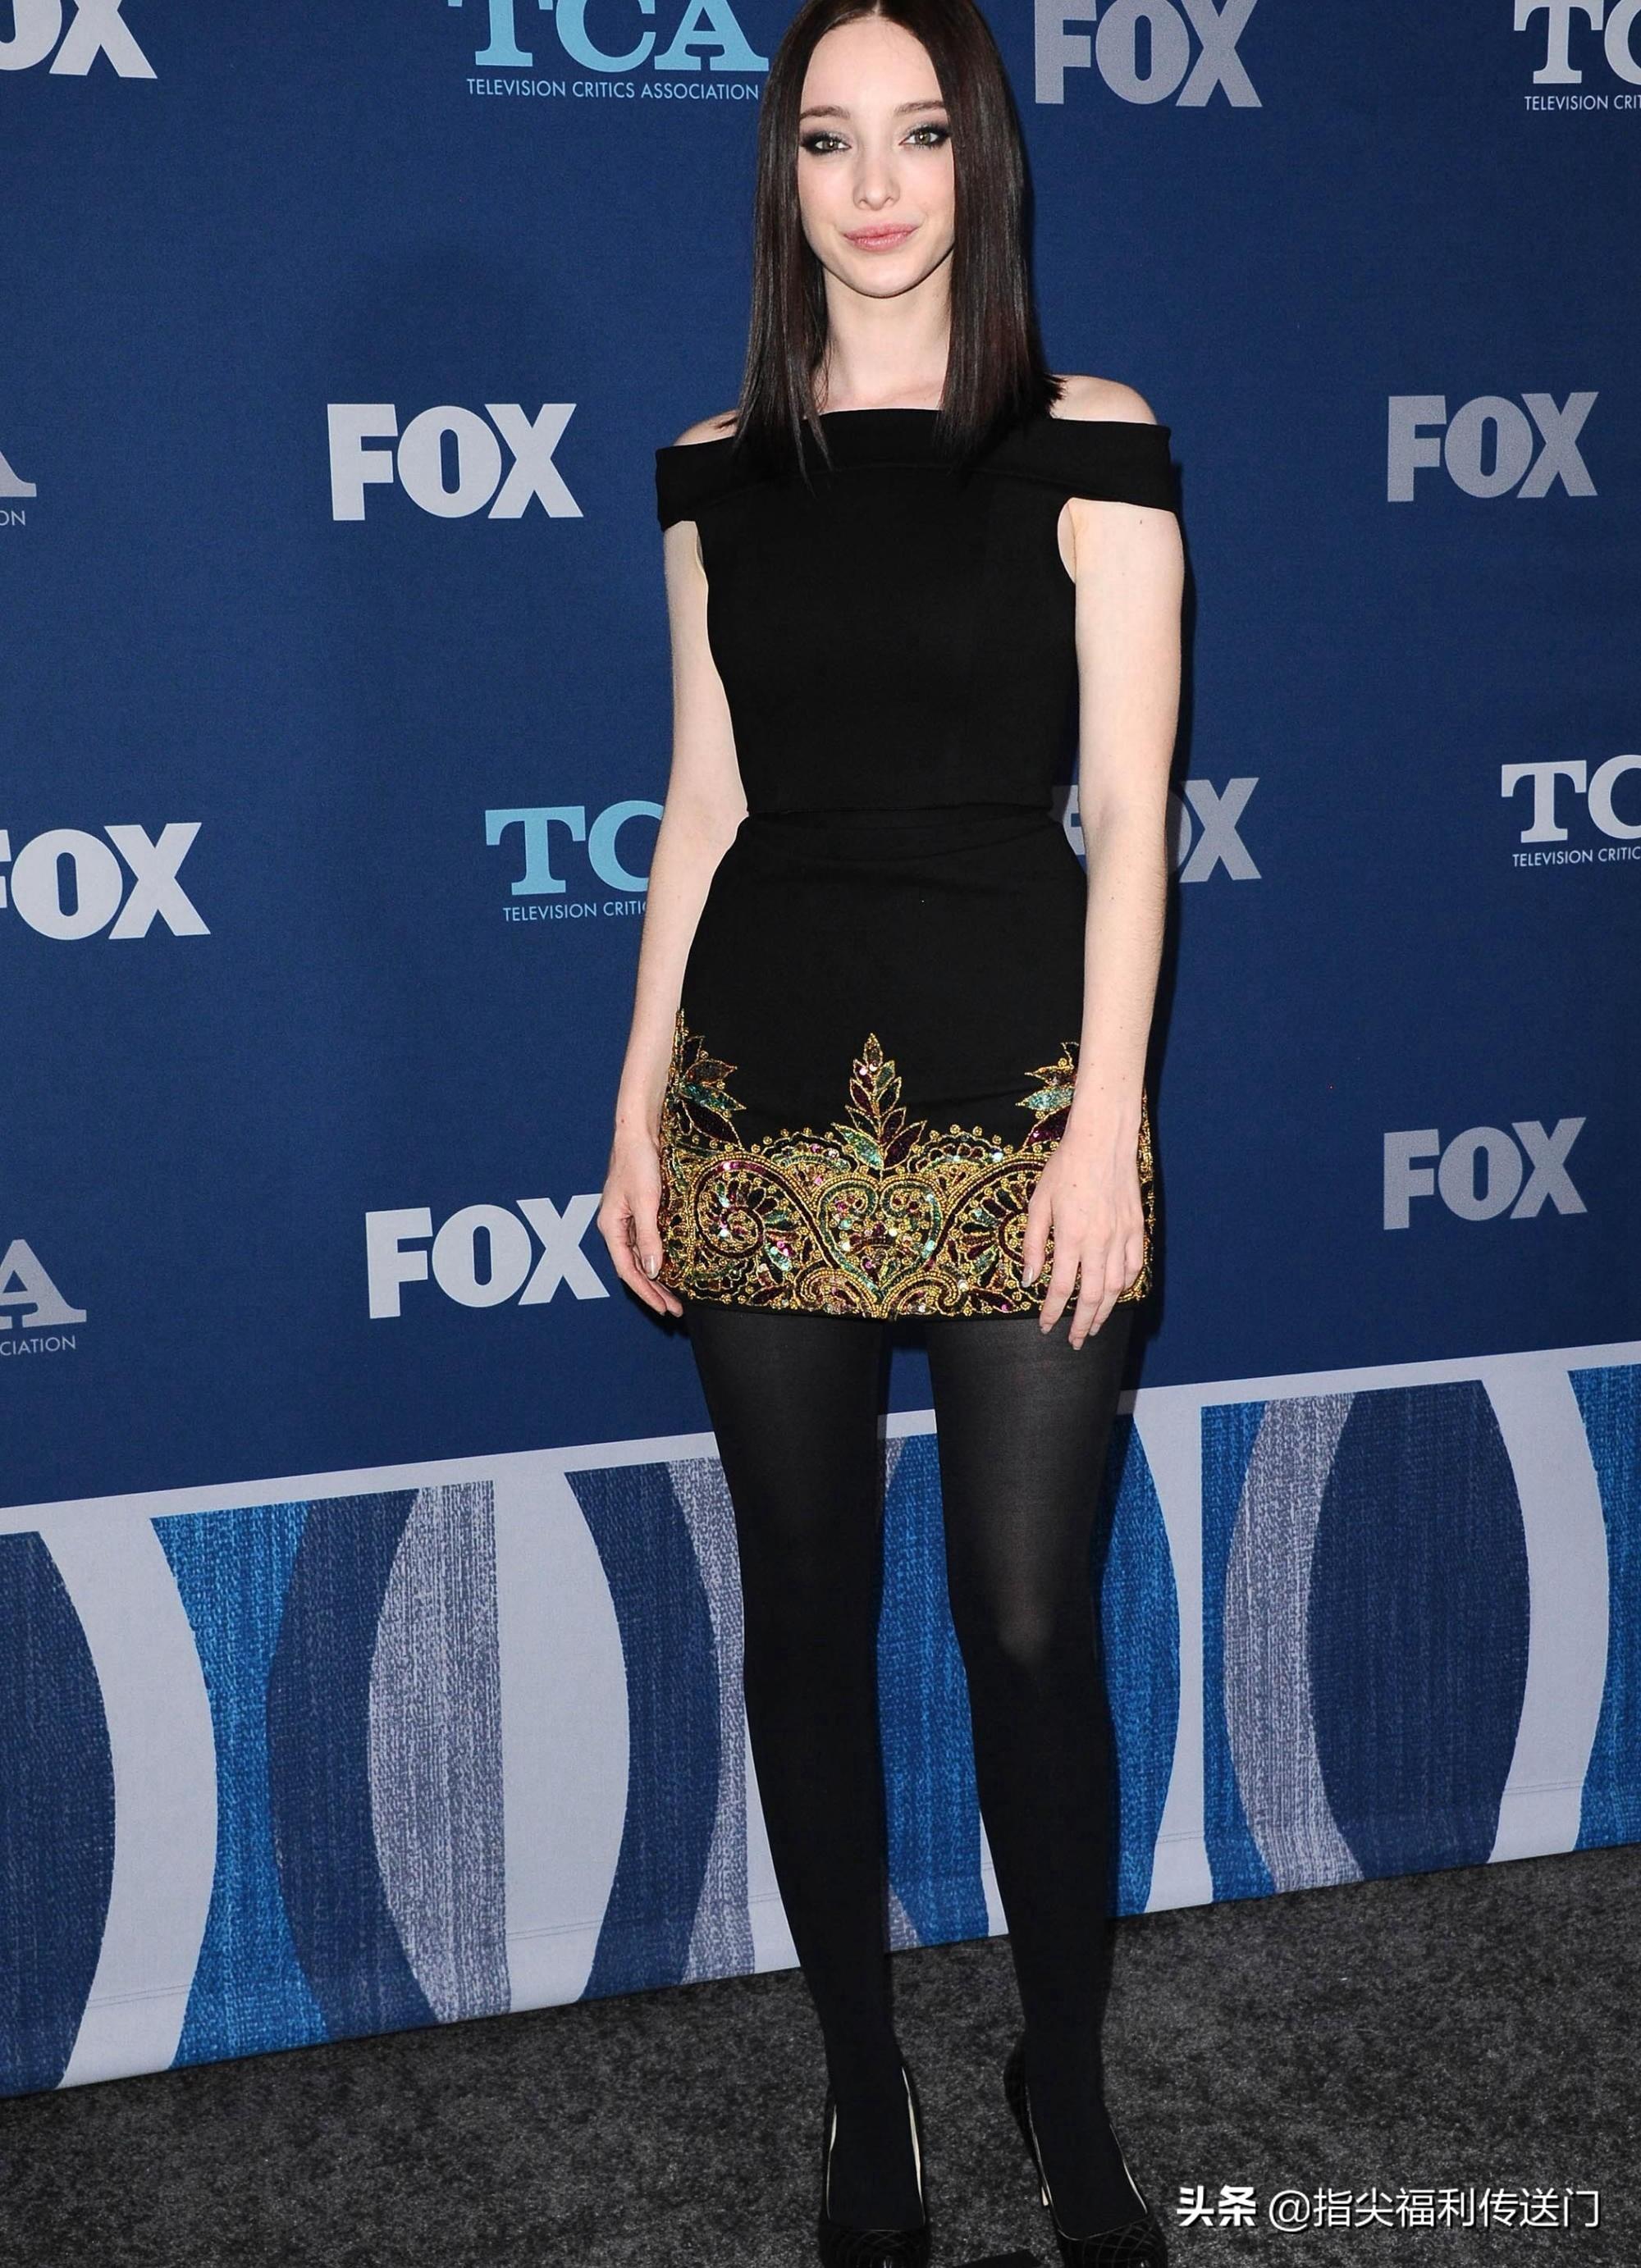 X战警北极星,艾玛·杜蒙特,超短裙高跟鞋,自信亮相